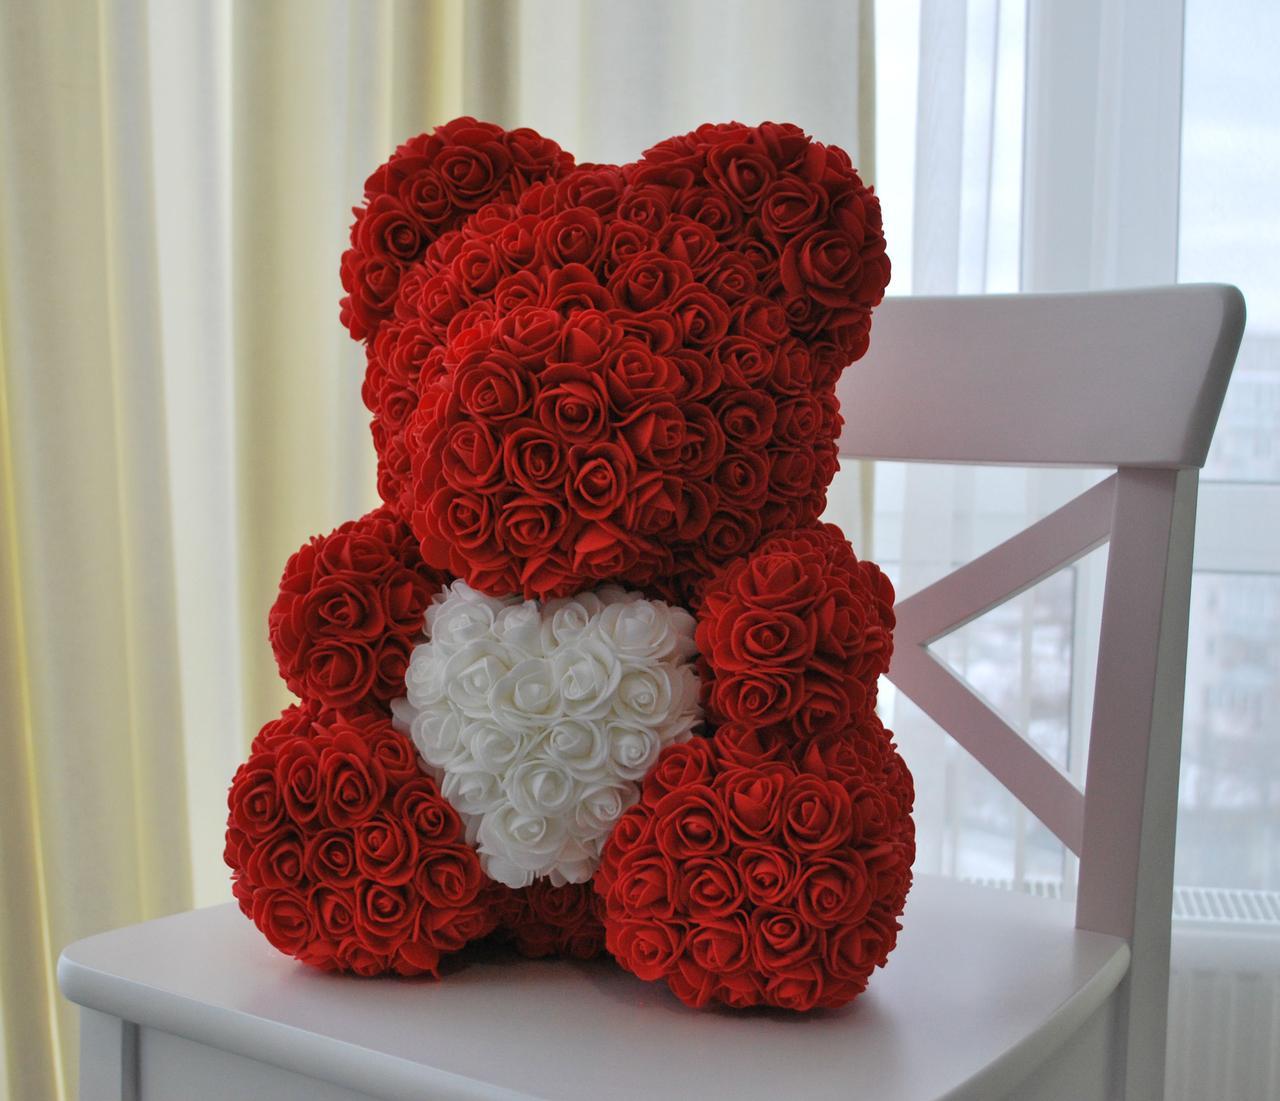 Красный Медведь из 3D роз 45 см.